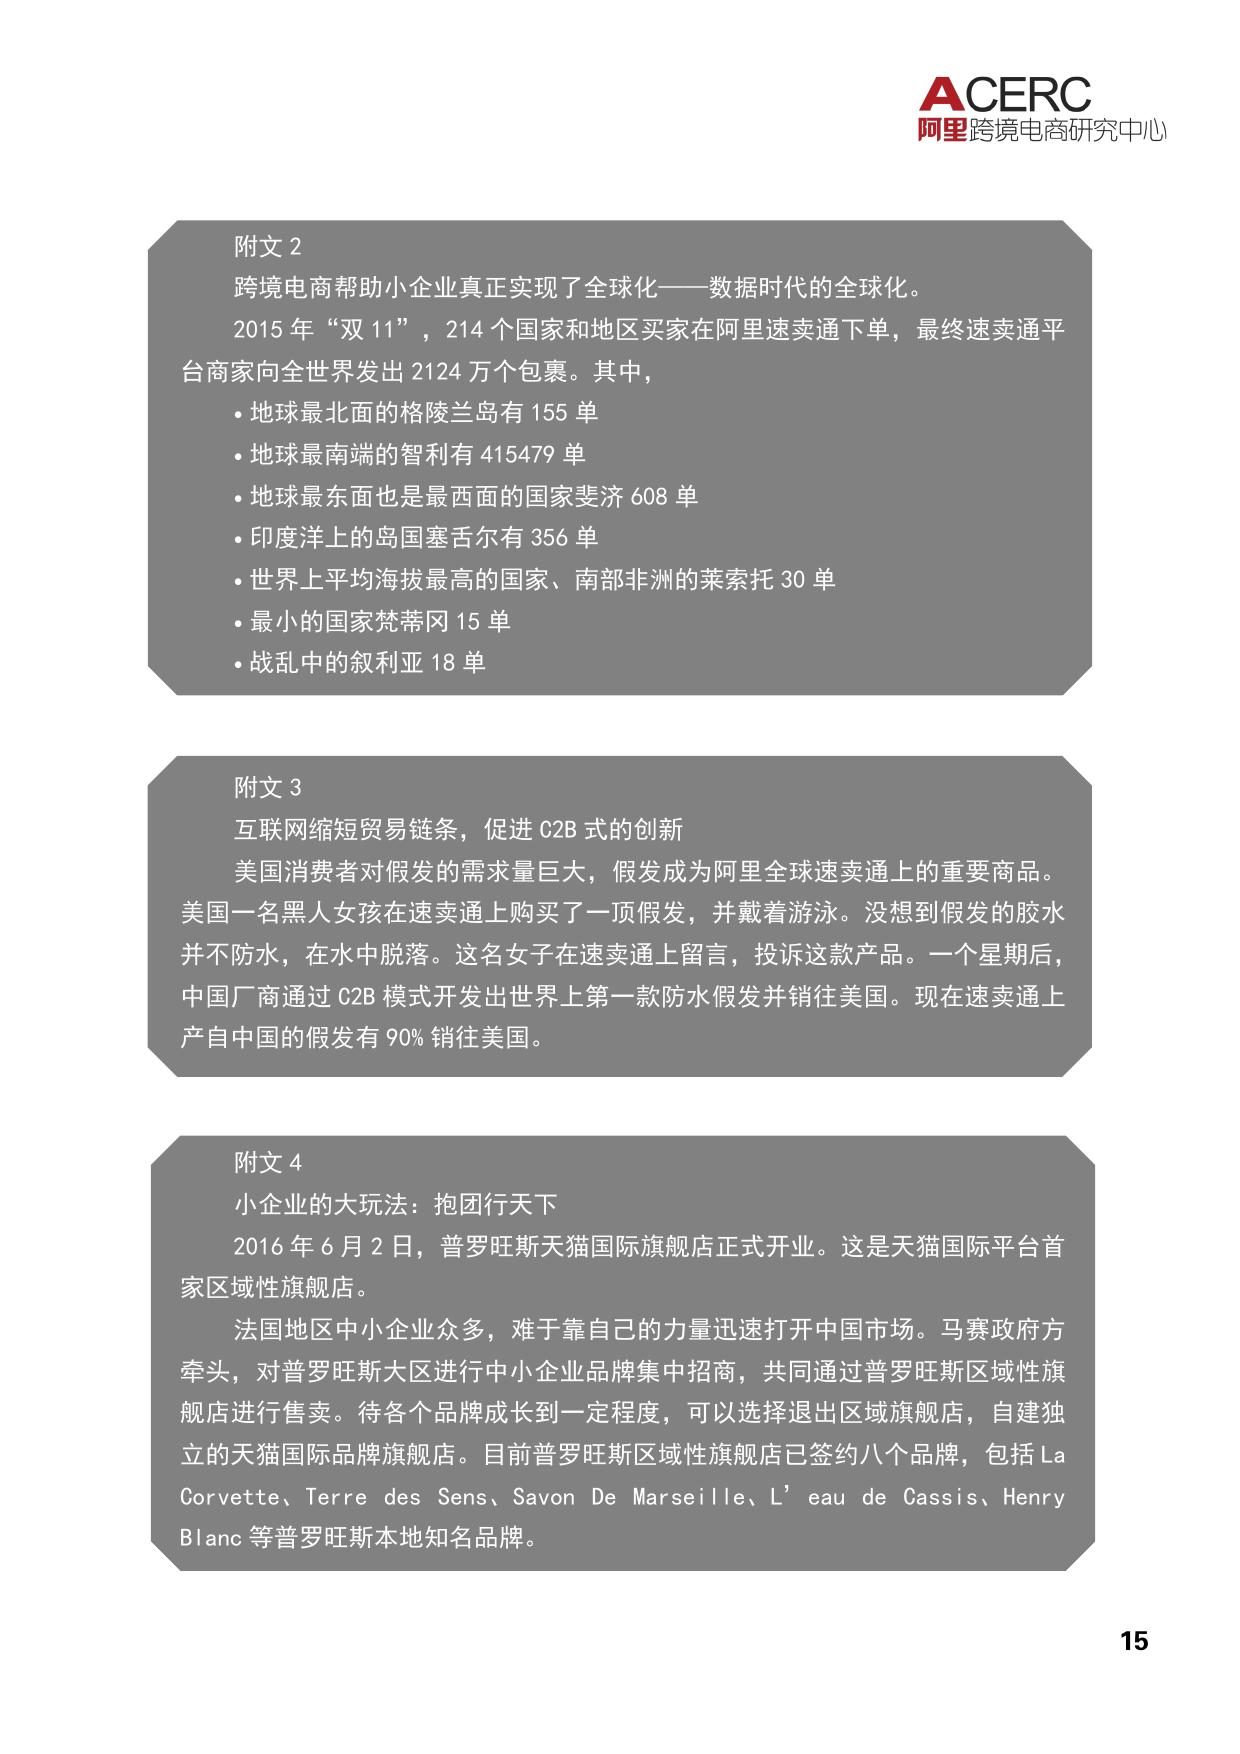 2016中国跨境电商发展报告_000019